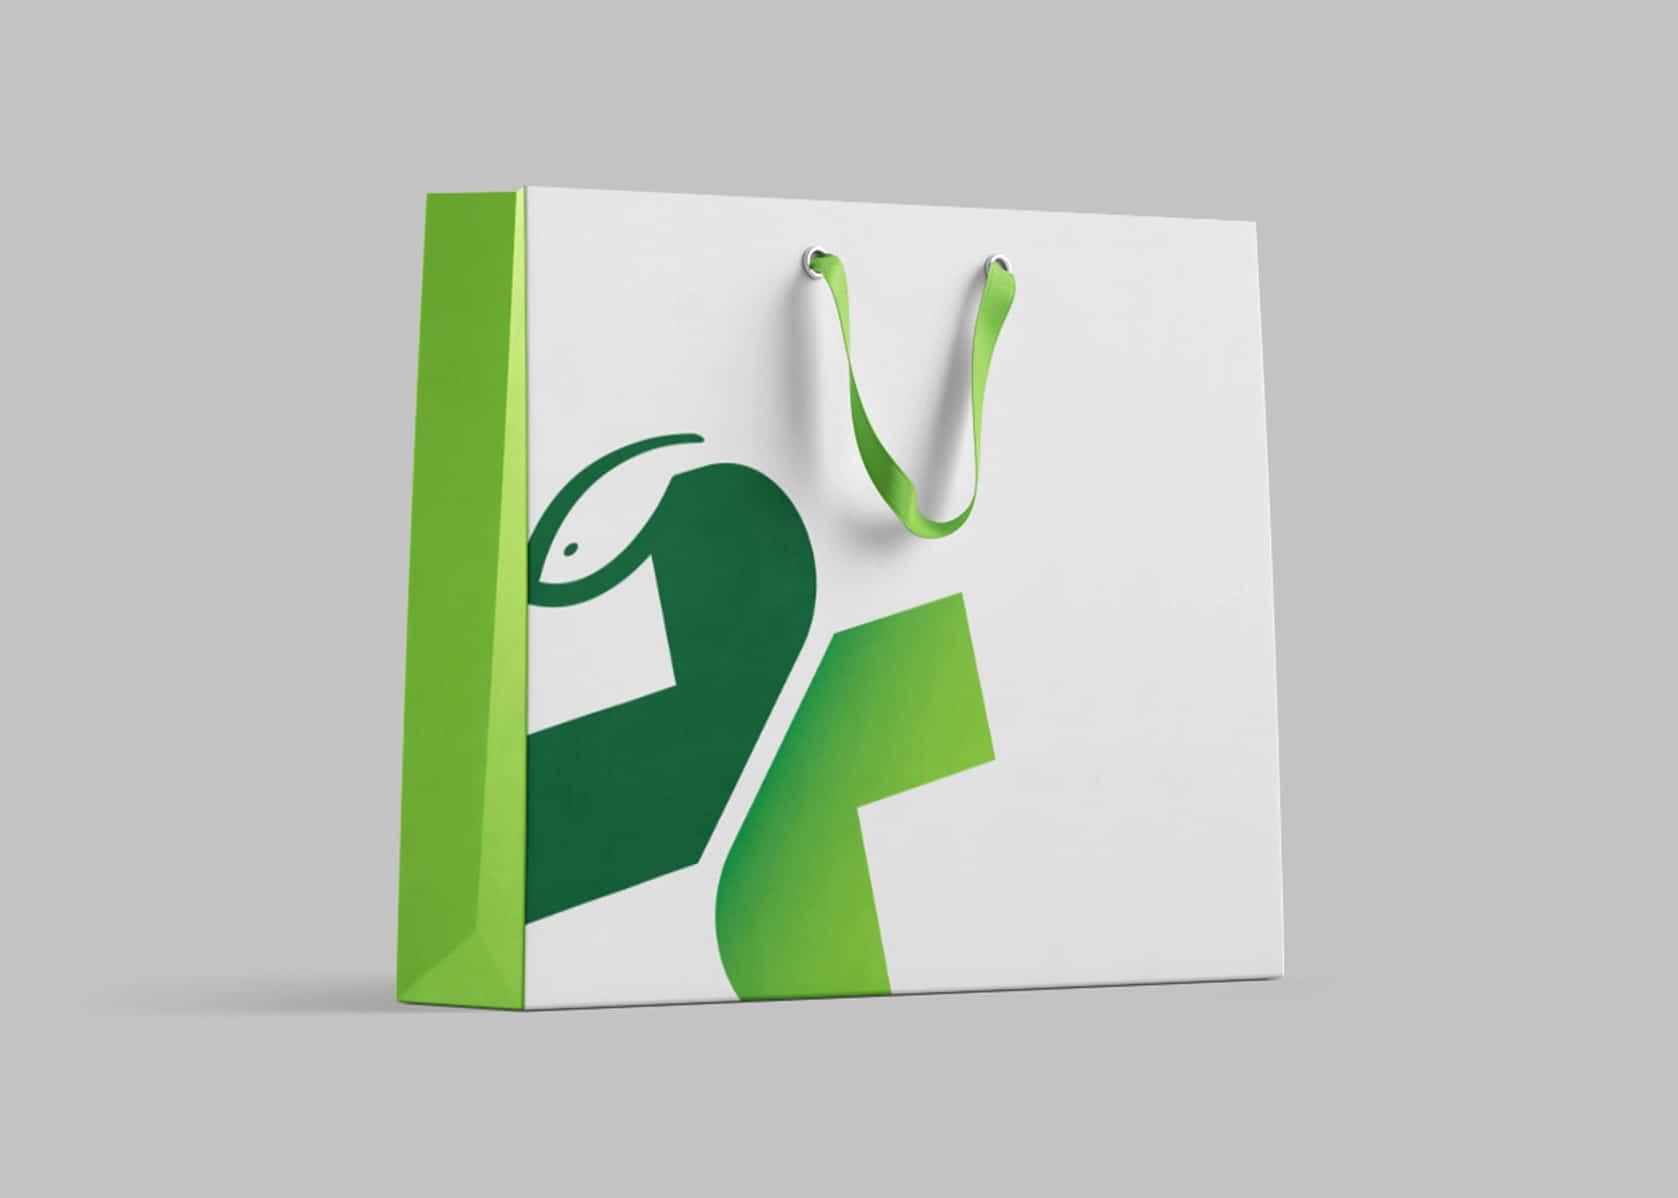 druggist, brand identity, pharmacy branding, pharmacy brand identity